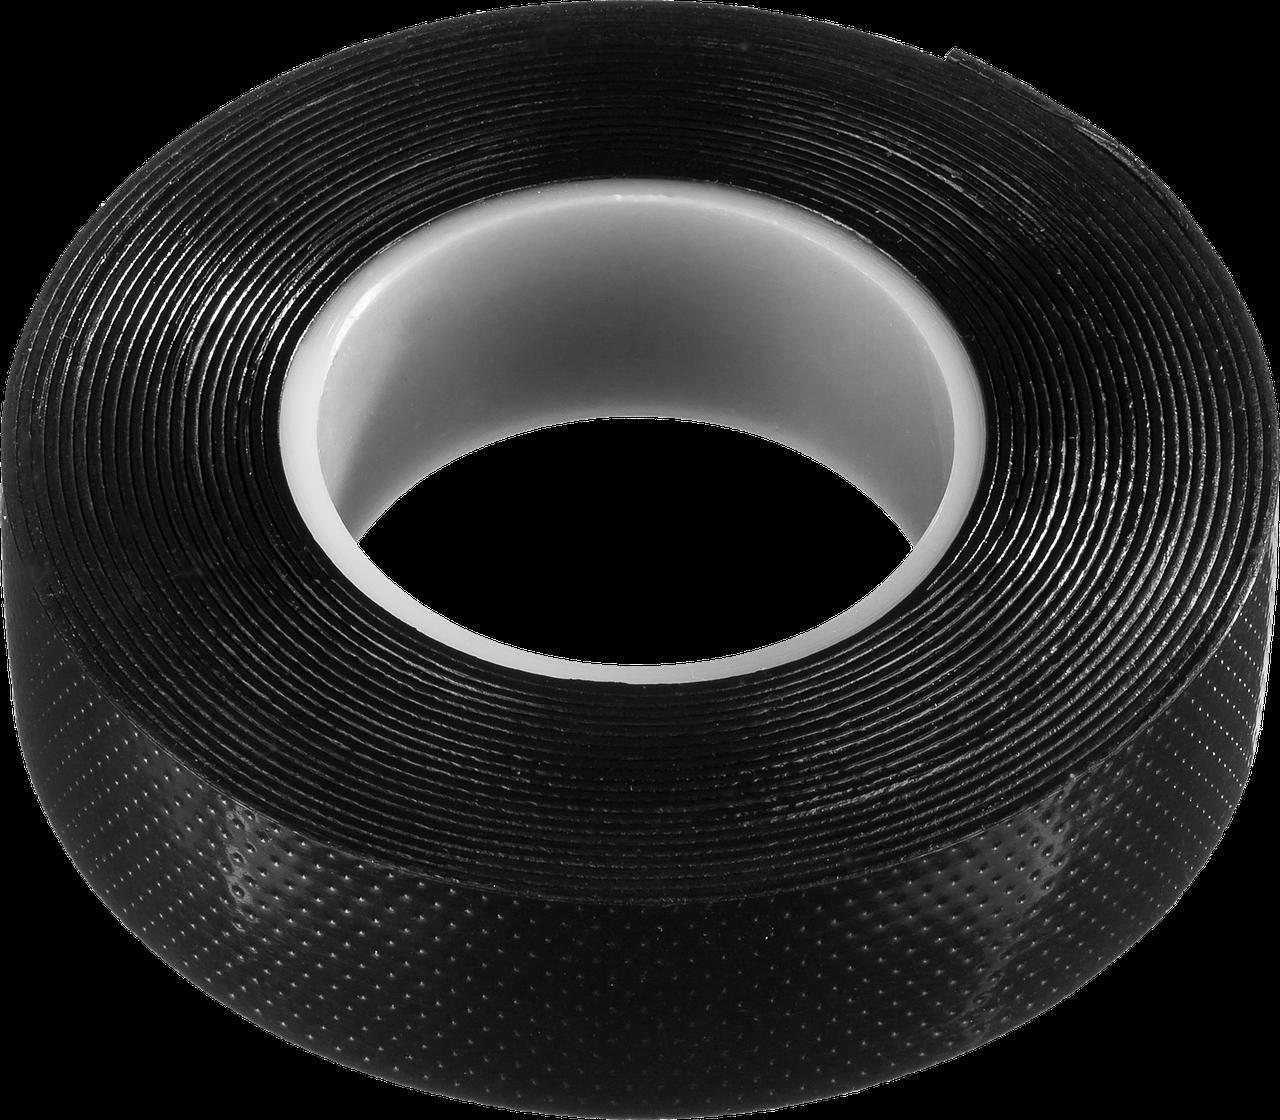 ЗУБР Вулкан черная самовулканизирующаяся изолента, 5м х 19мм